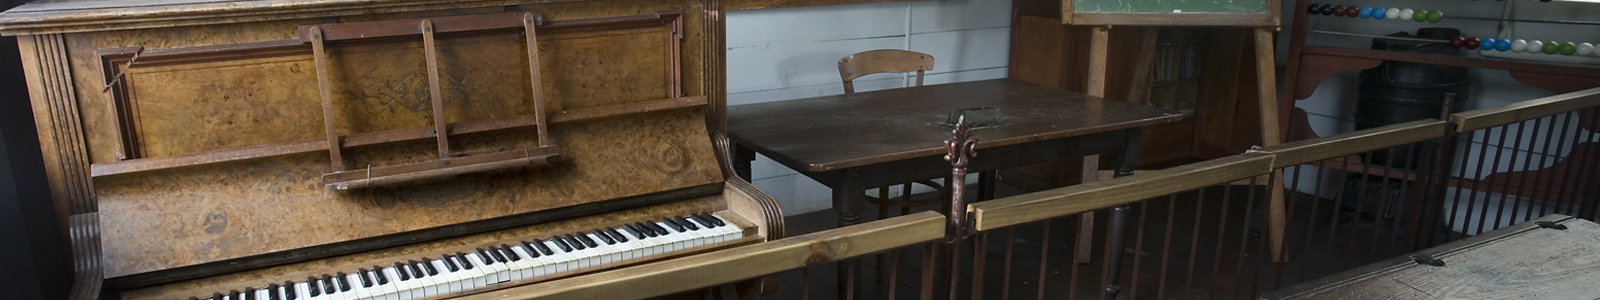 Musikalsk uddannelse